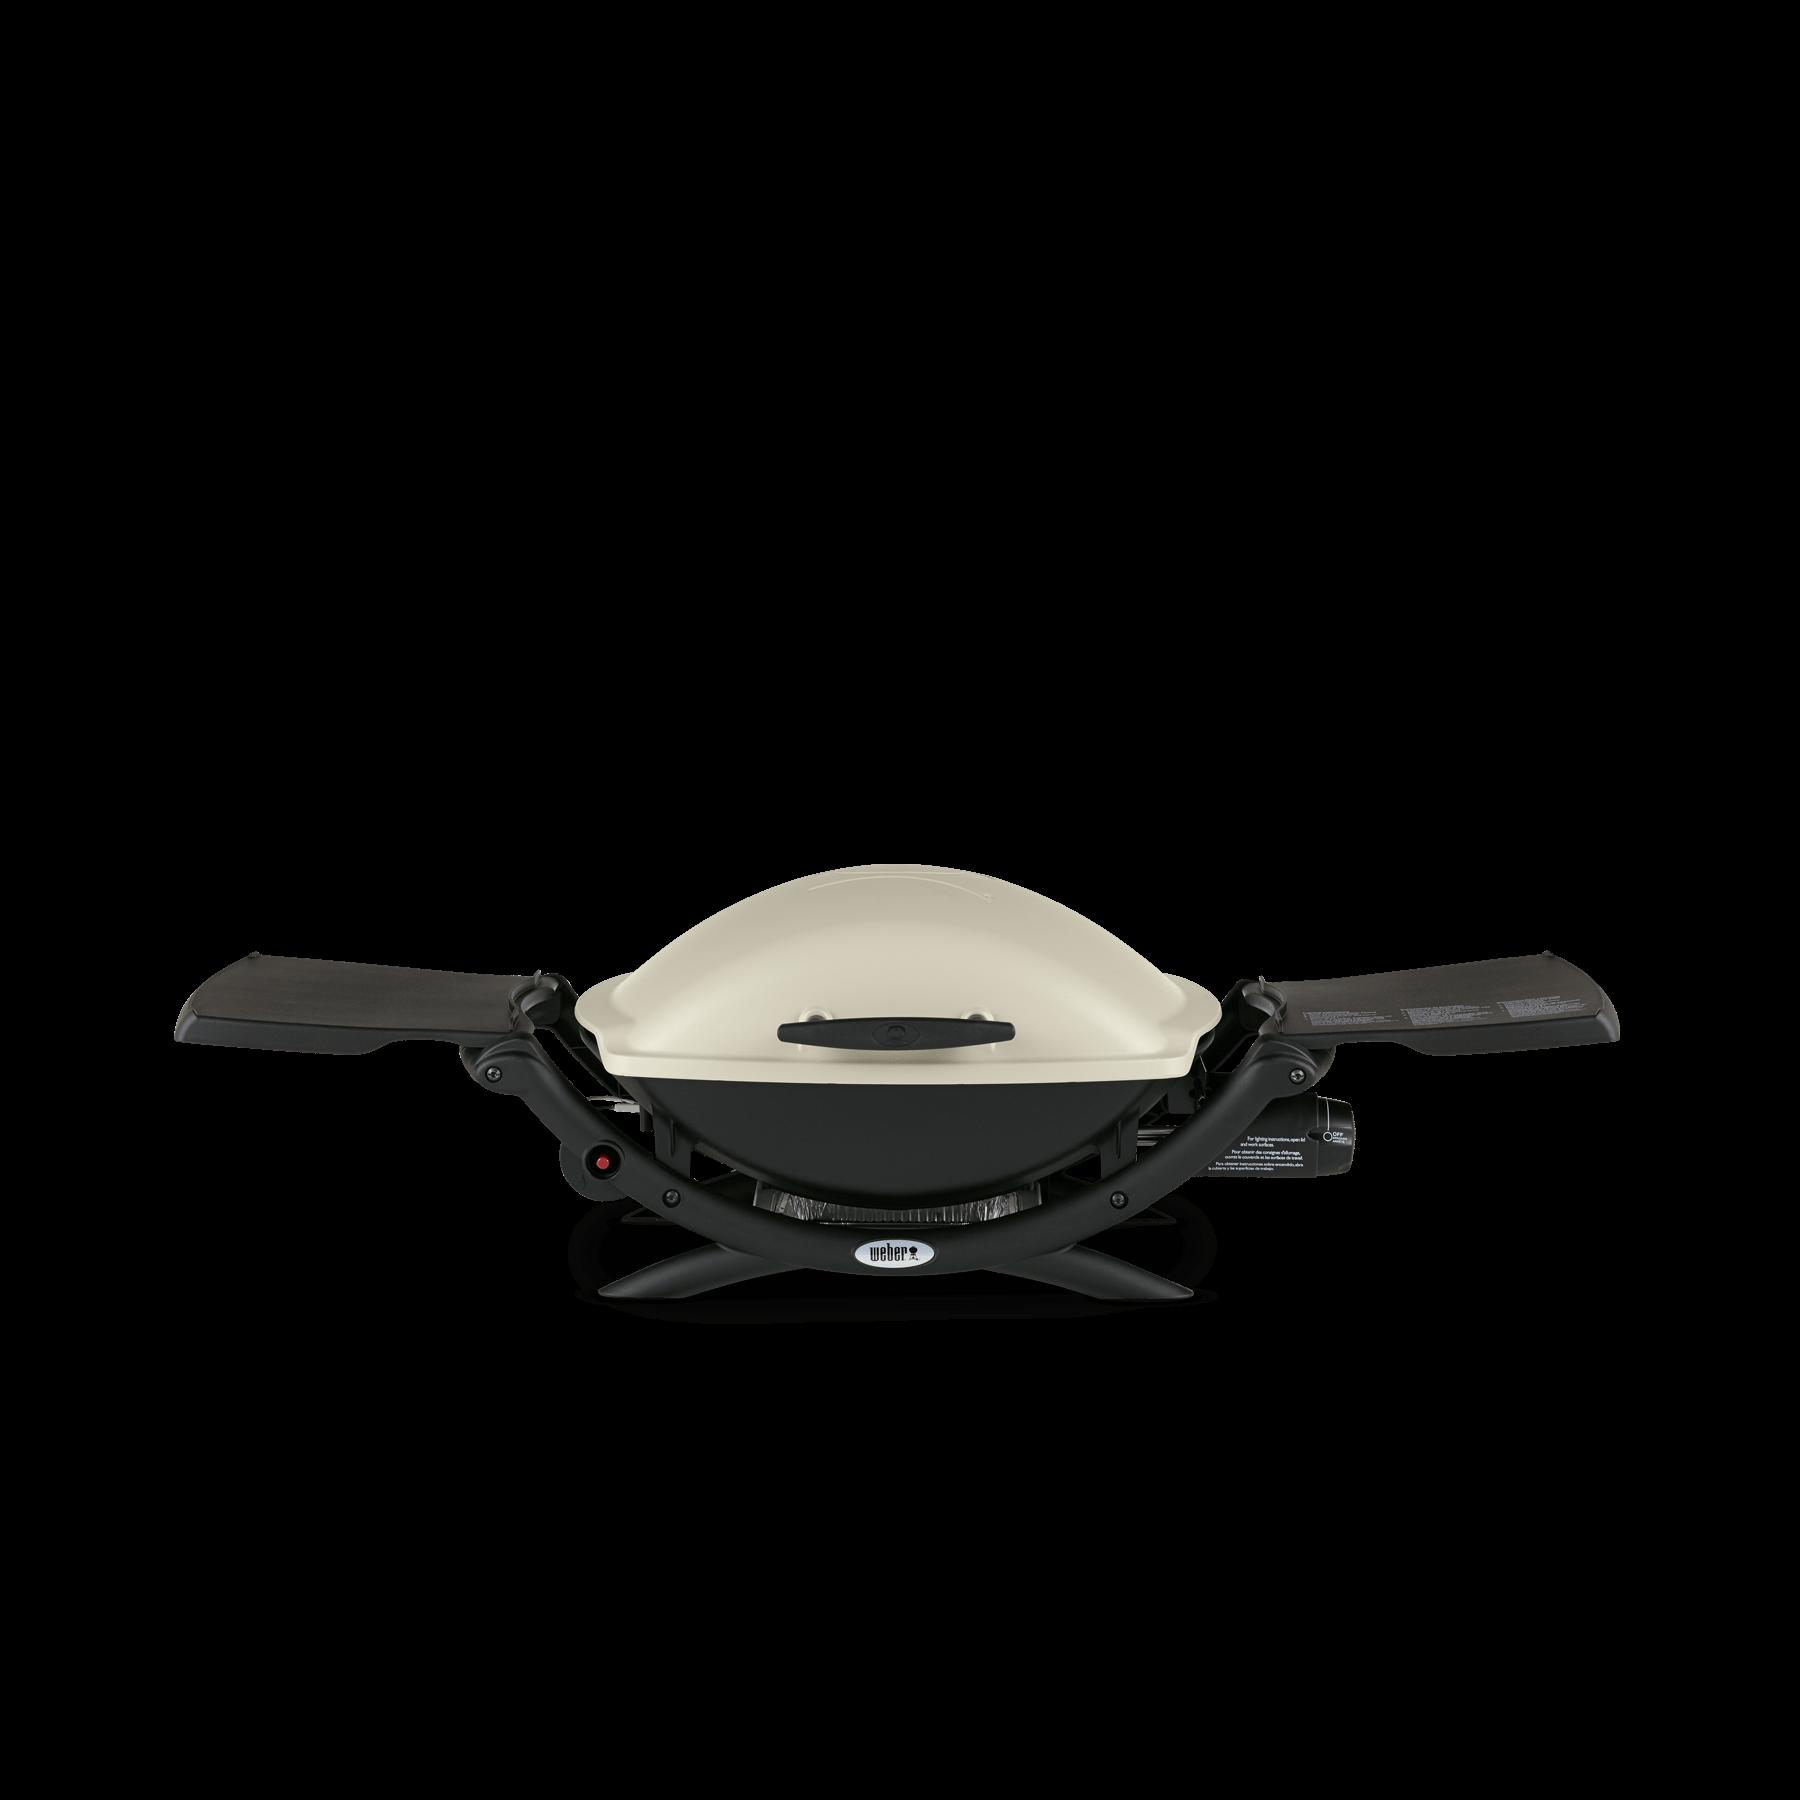 WEBER Q 2000 燃气烤炉